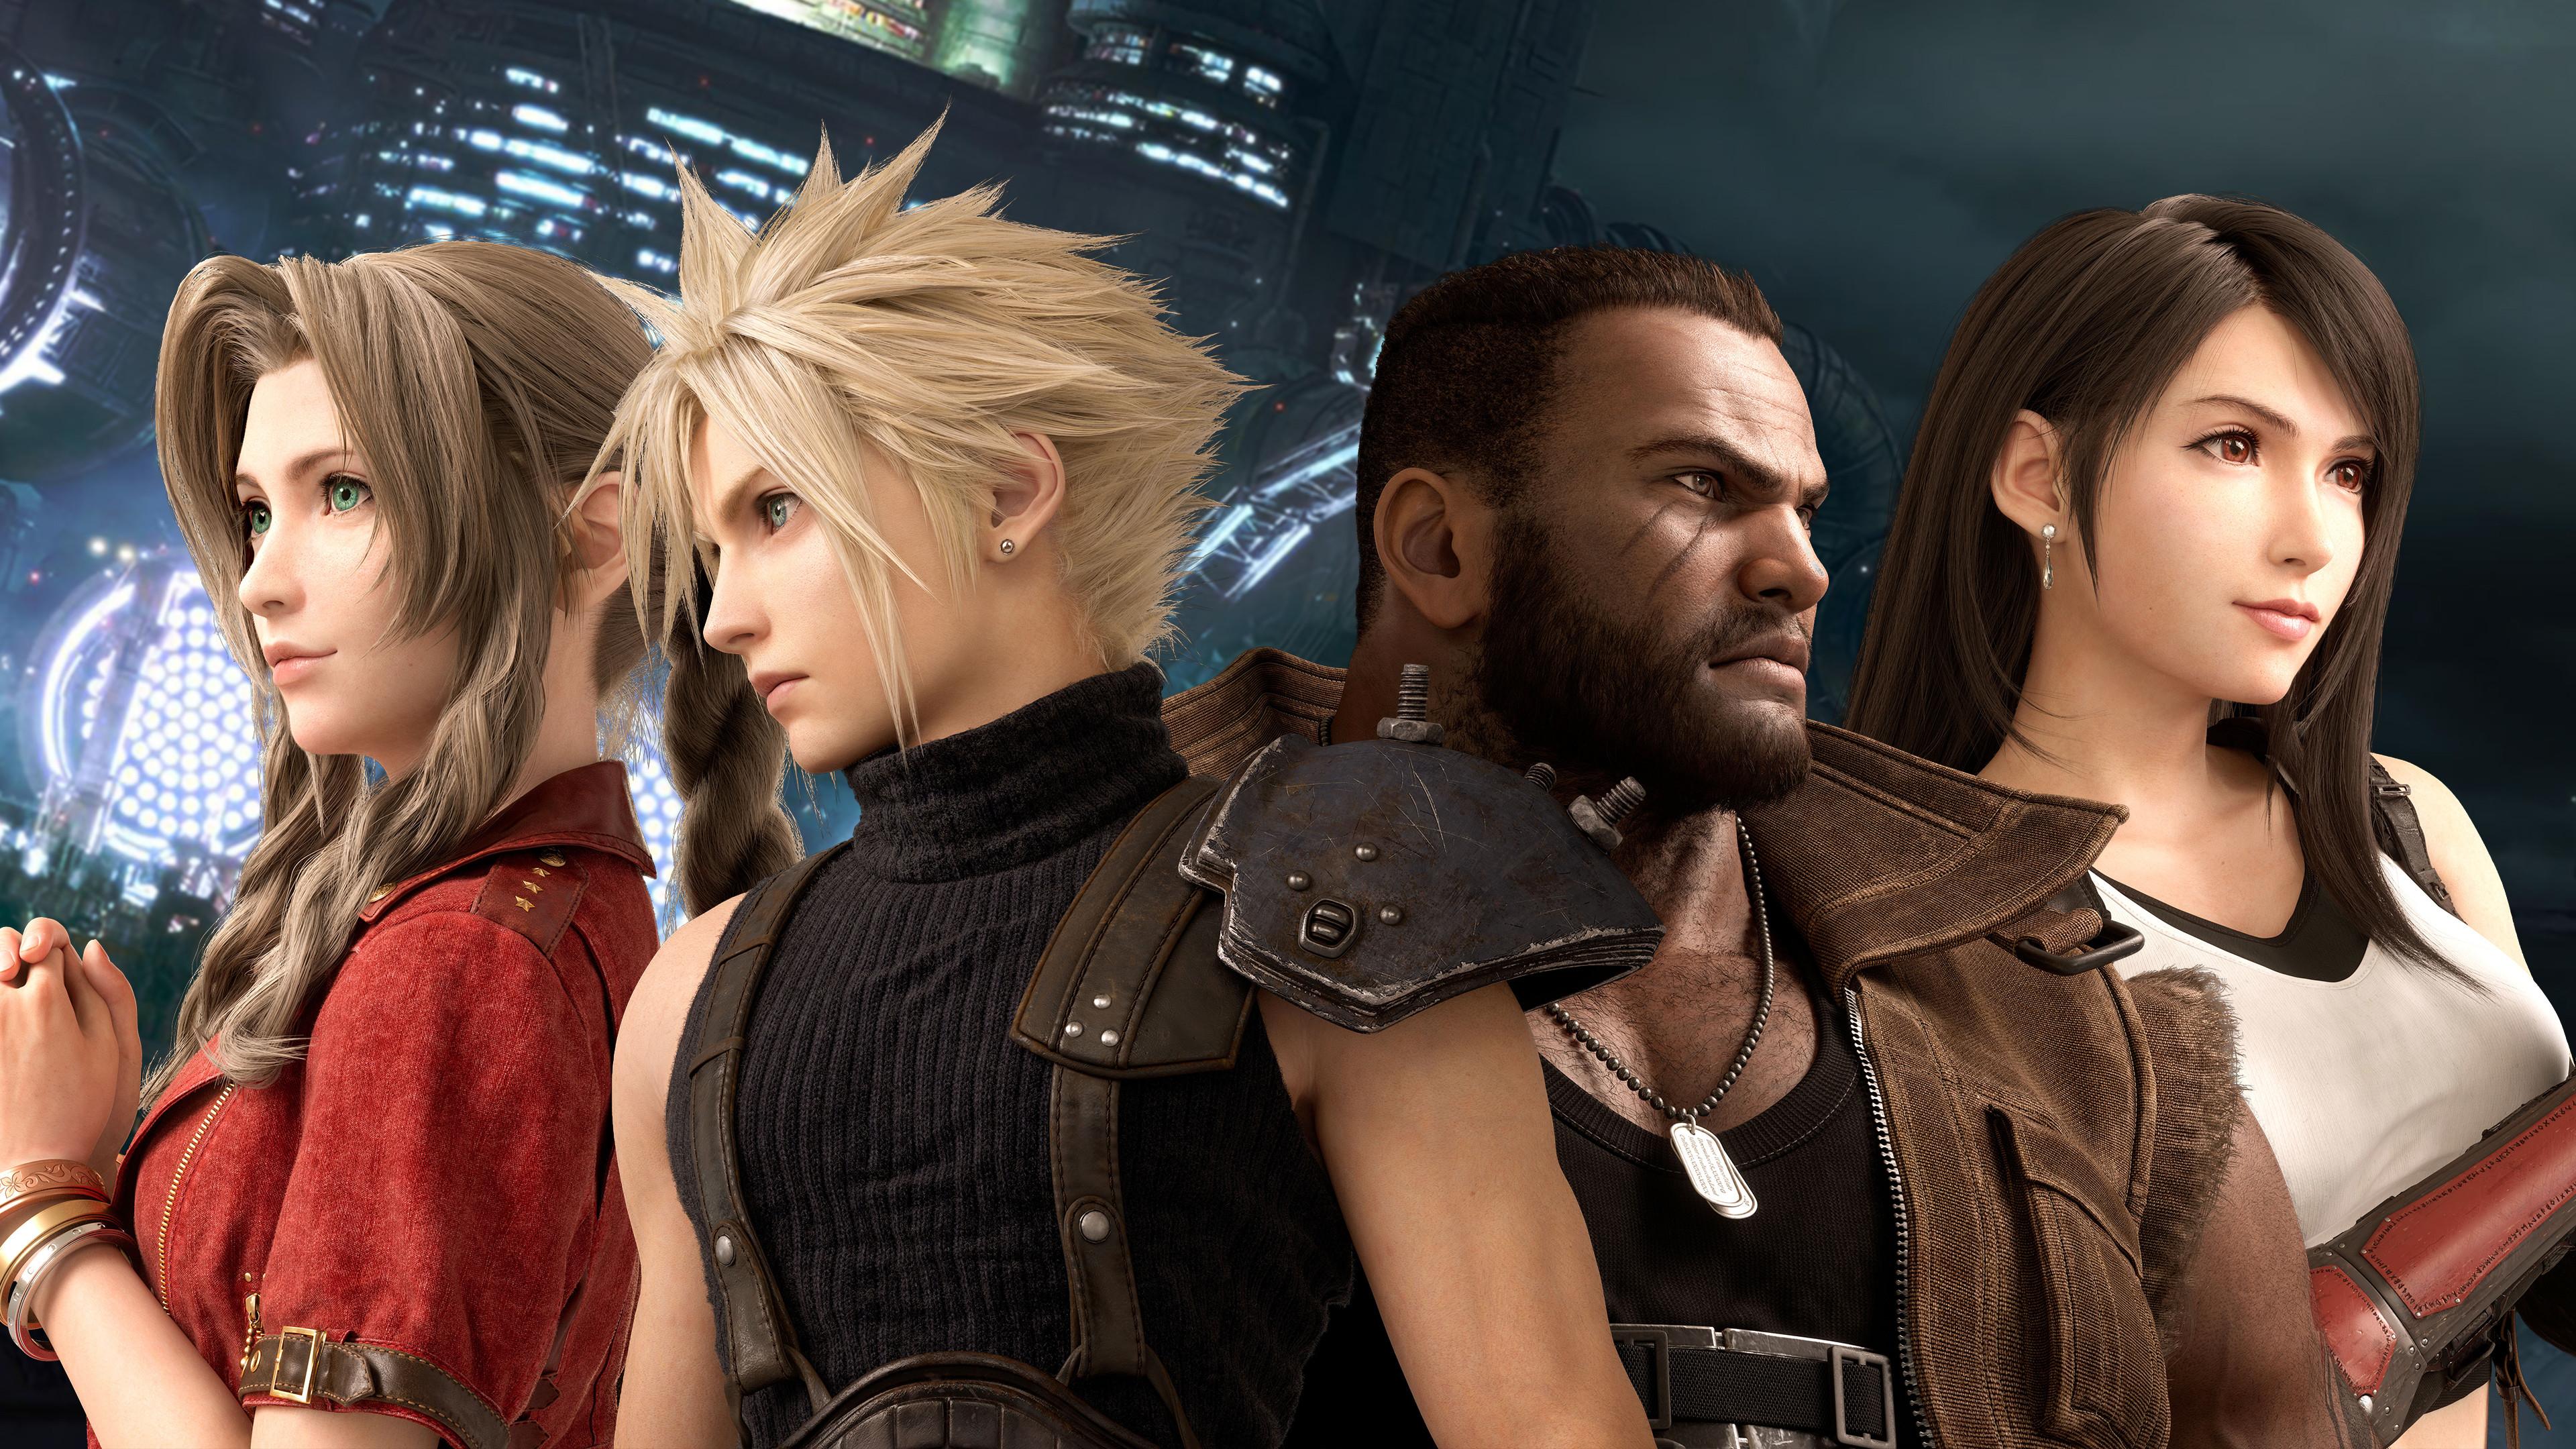 final-fantasy-7-remake-characters-uhdpaper.com-4K-39.jpg